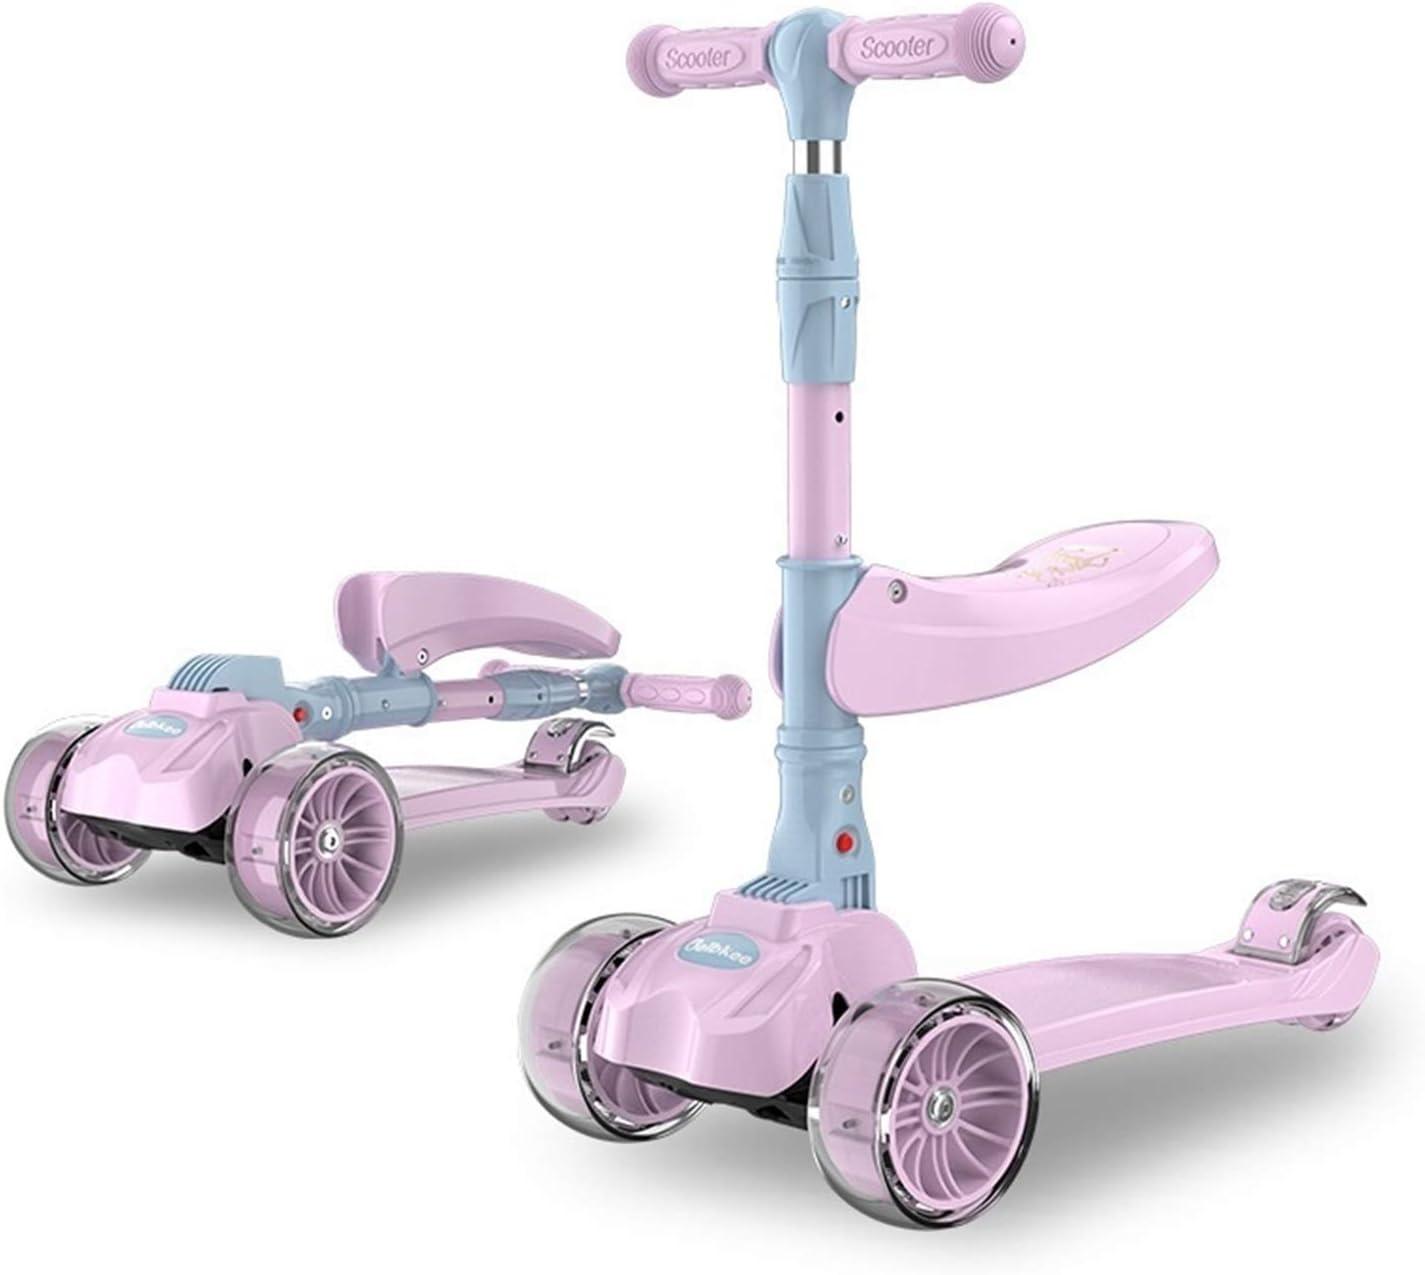 QEEN Plegable 3 Ruedas Kids Kick Scooter Kickboard con Asiento Edades 2~6 Paseo en niños en Toy Toddler Baby Walker Cumpleaños para niños Regalo (Color : Pink)